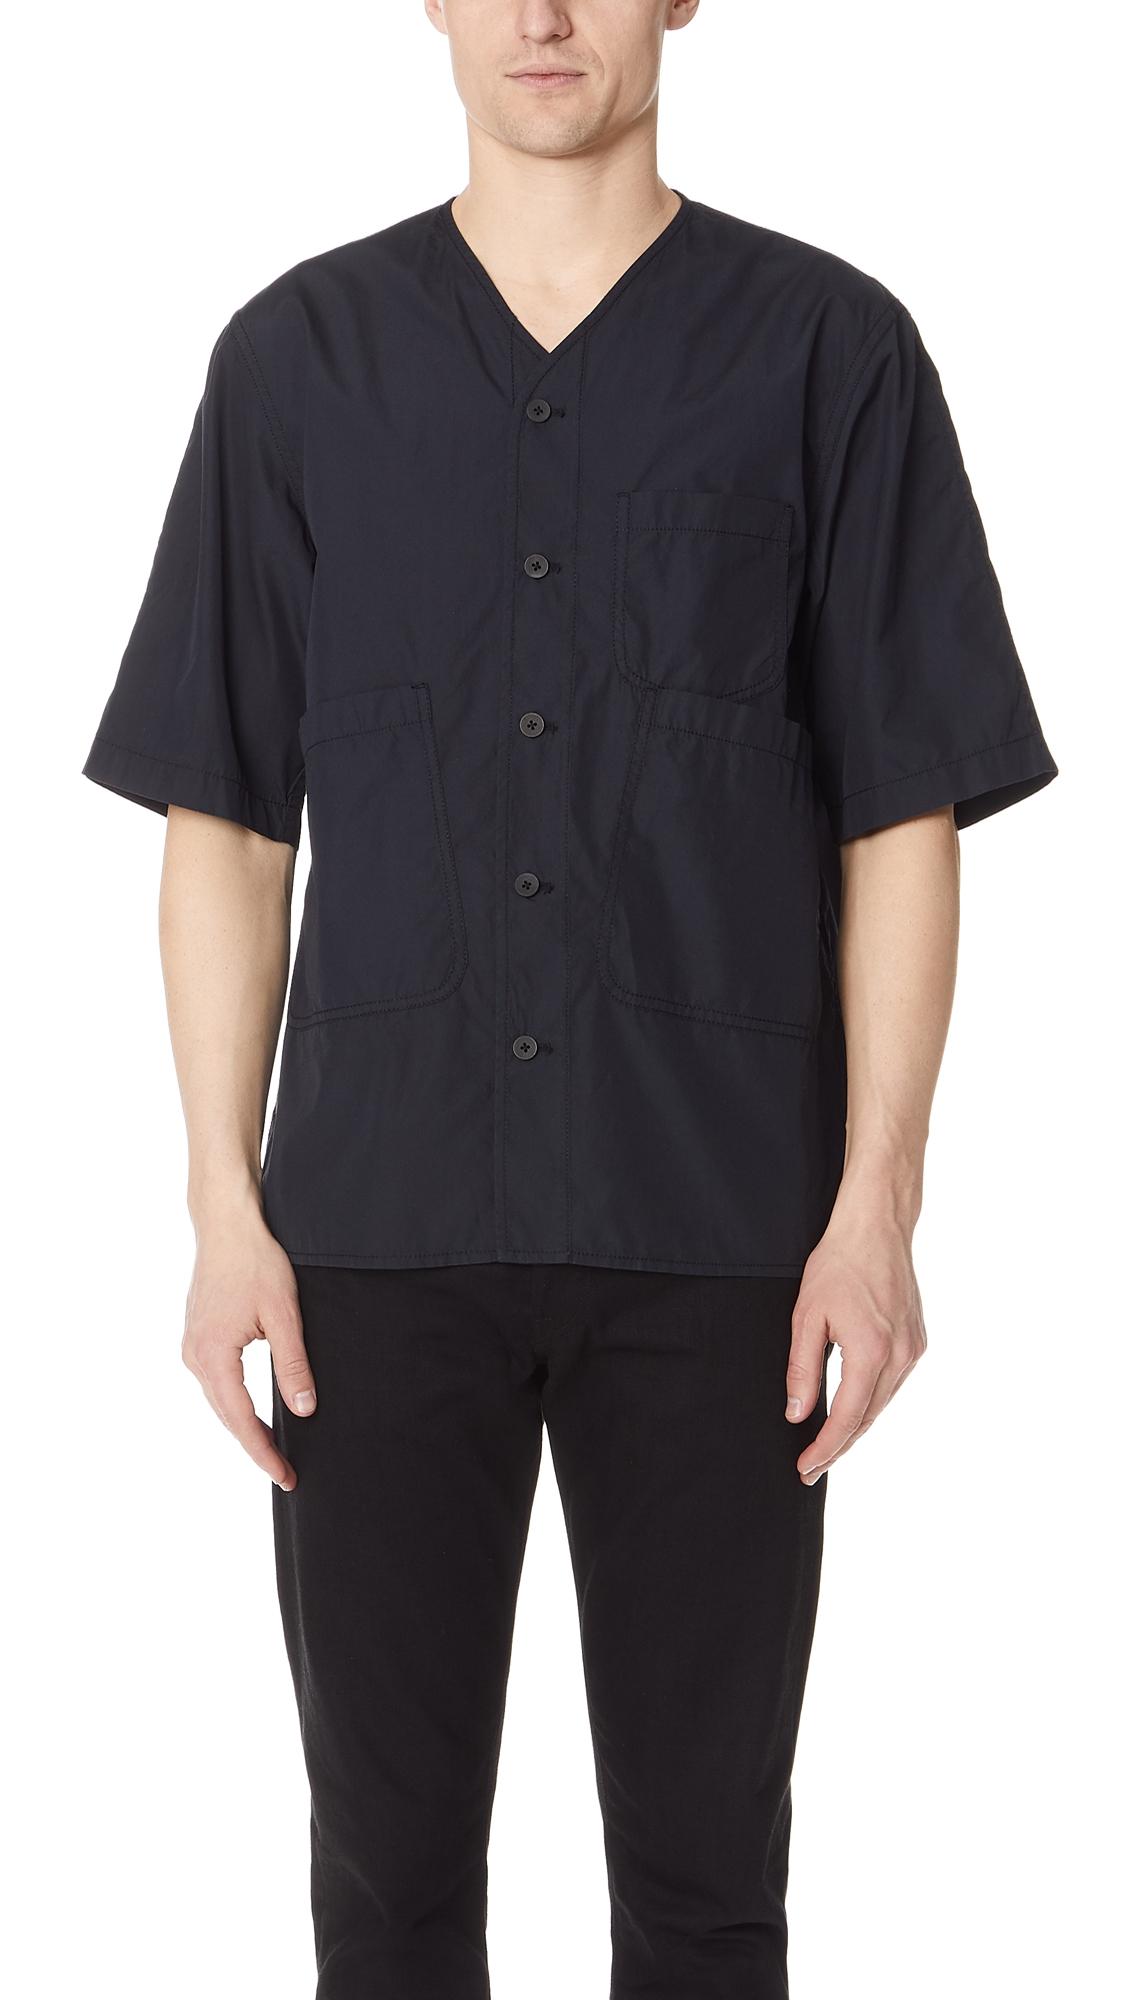 3.1 Phillip Lim V Neck Button Down Shirt In Midnight